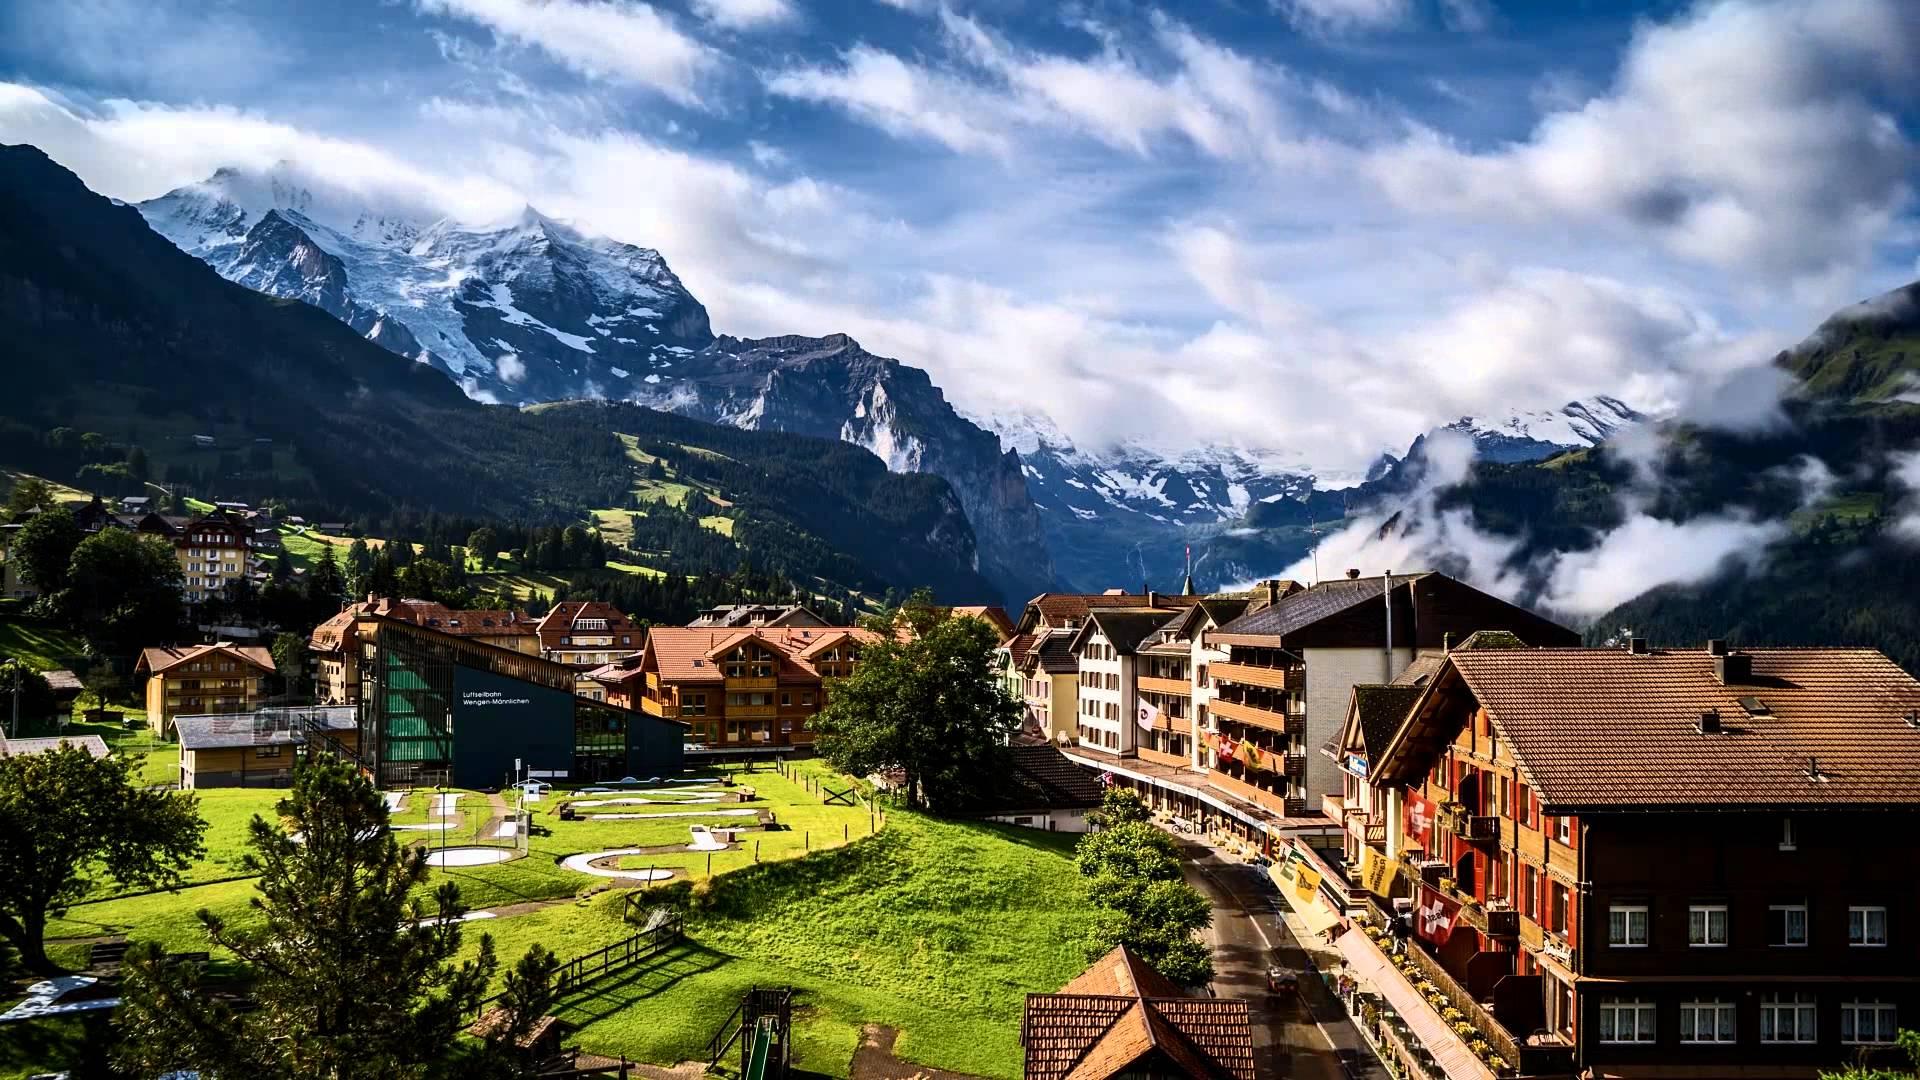 Trượt tuyết hoặc leo núi, đạp xe tại Bavarian Alps